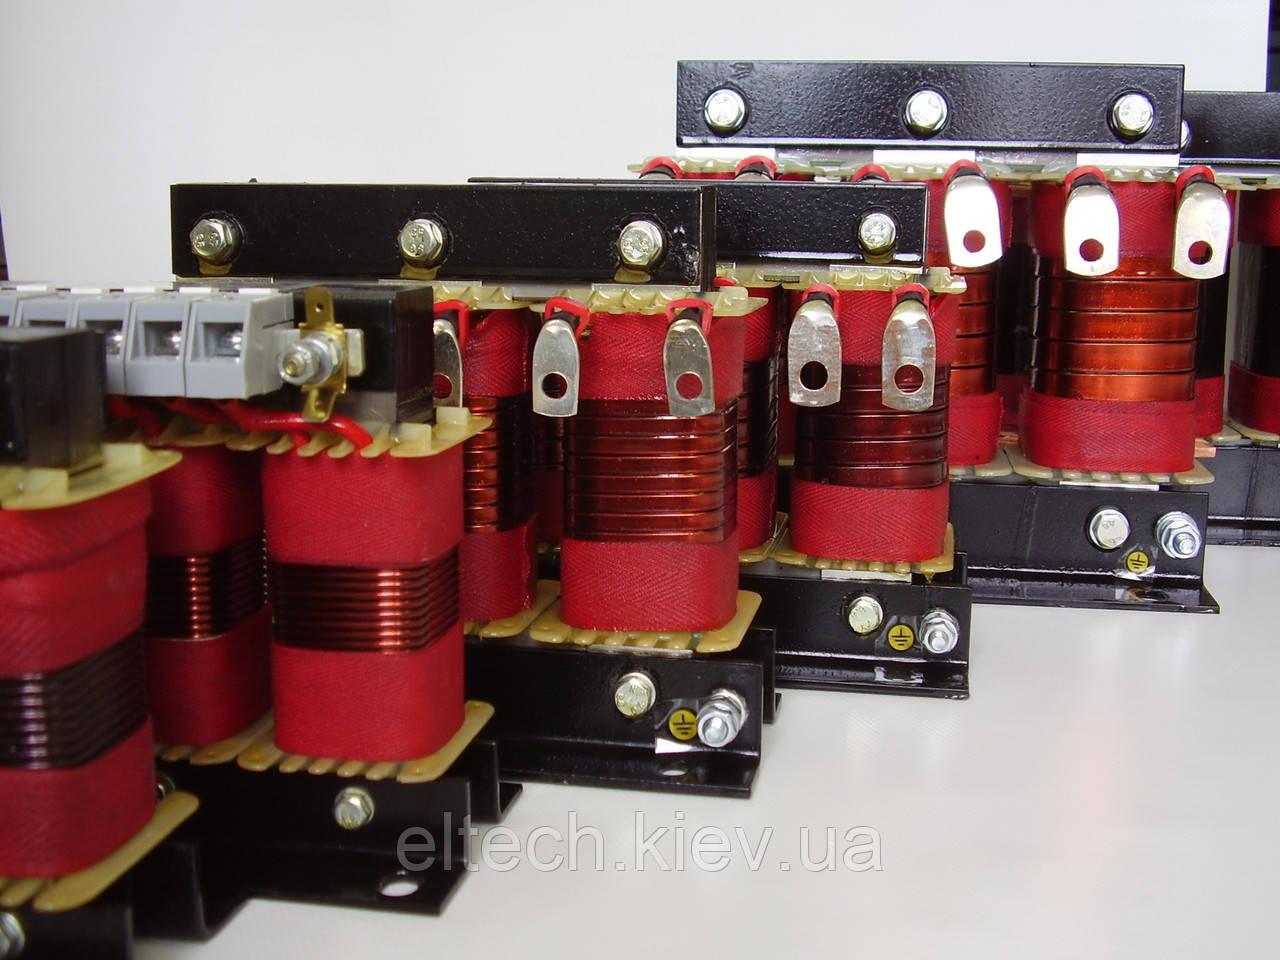 Дроссель моторный трехфазный AS7m 32/2.2 (15кВт)